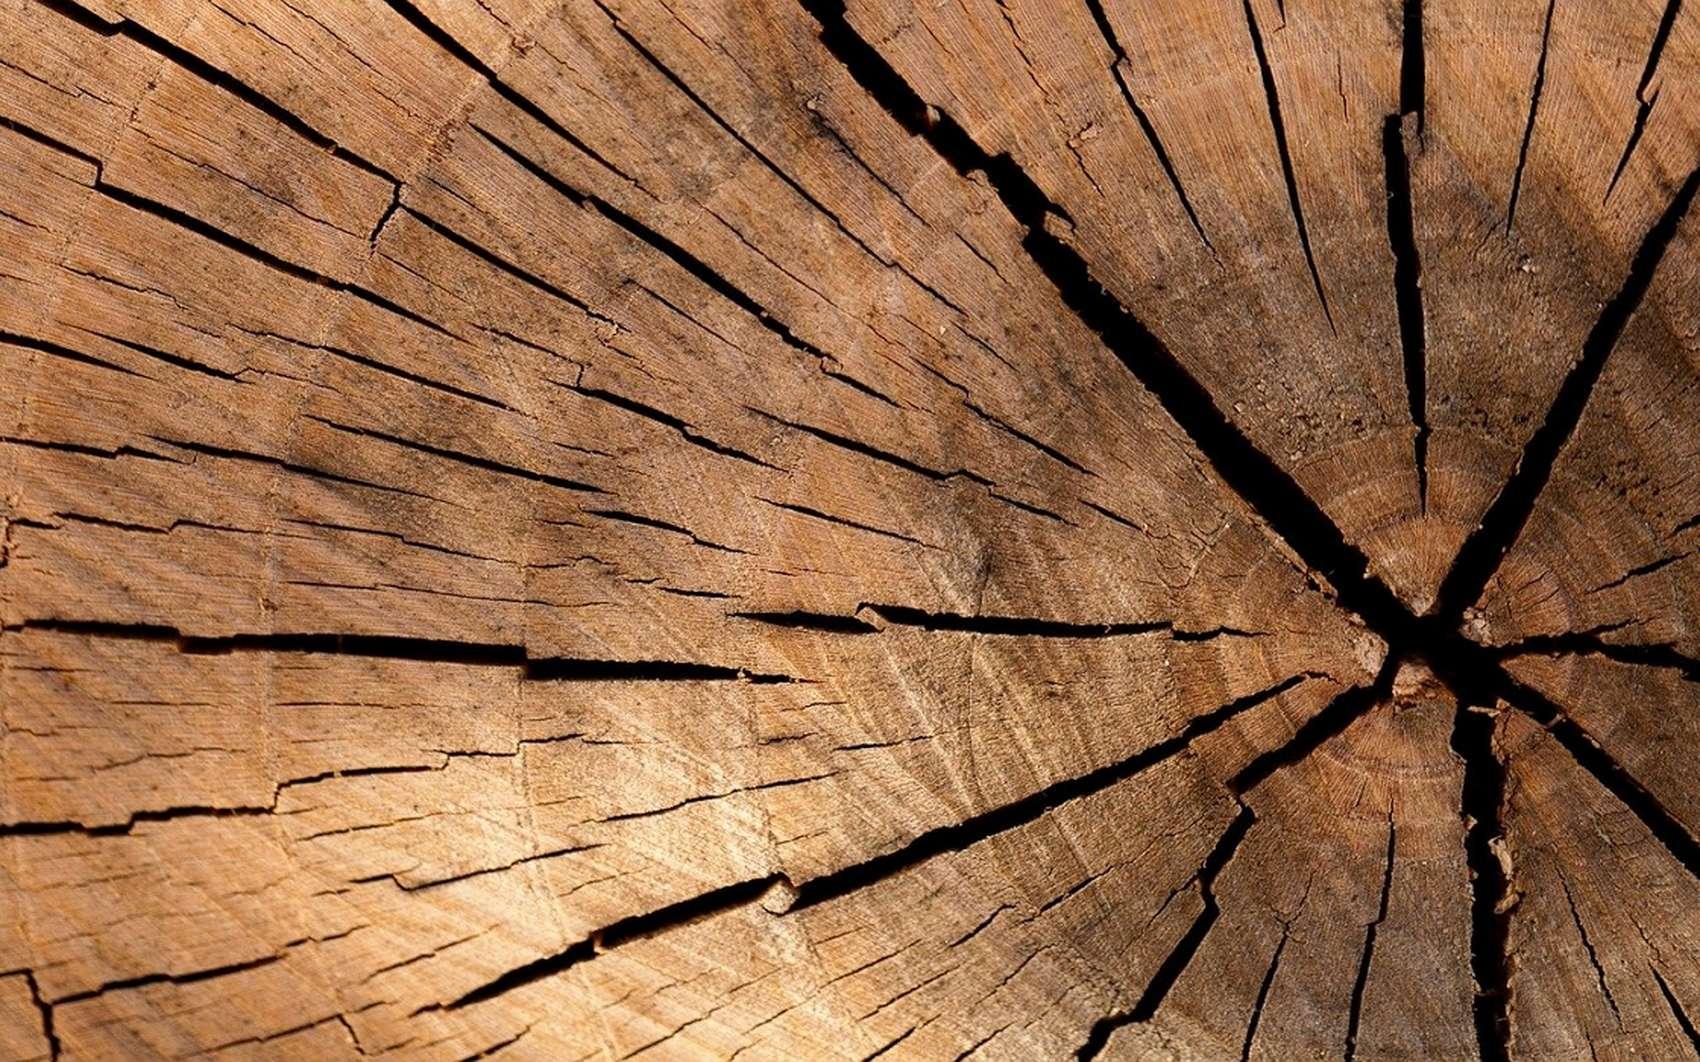 Les bois exotiques sont naturellement plus résistants à l'humidité © Daniel Spase, pxhere.com